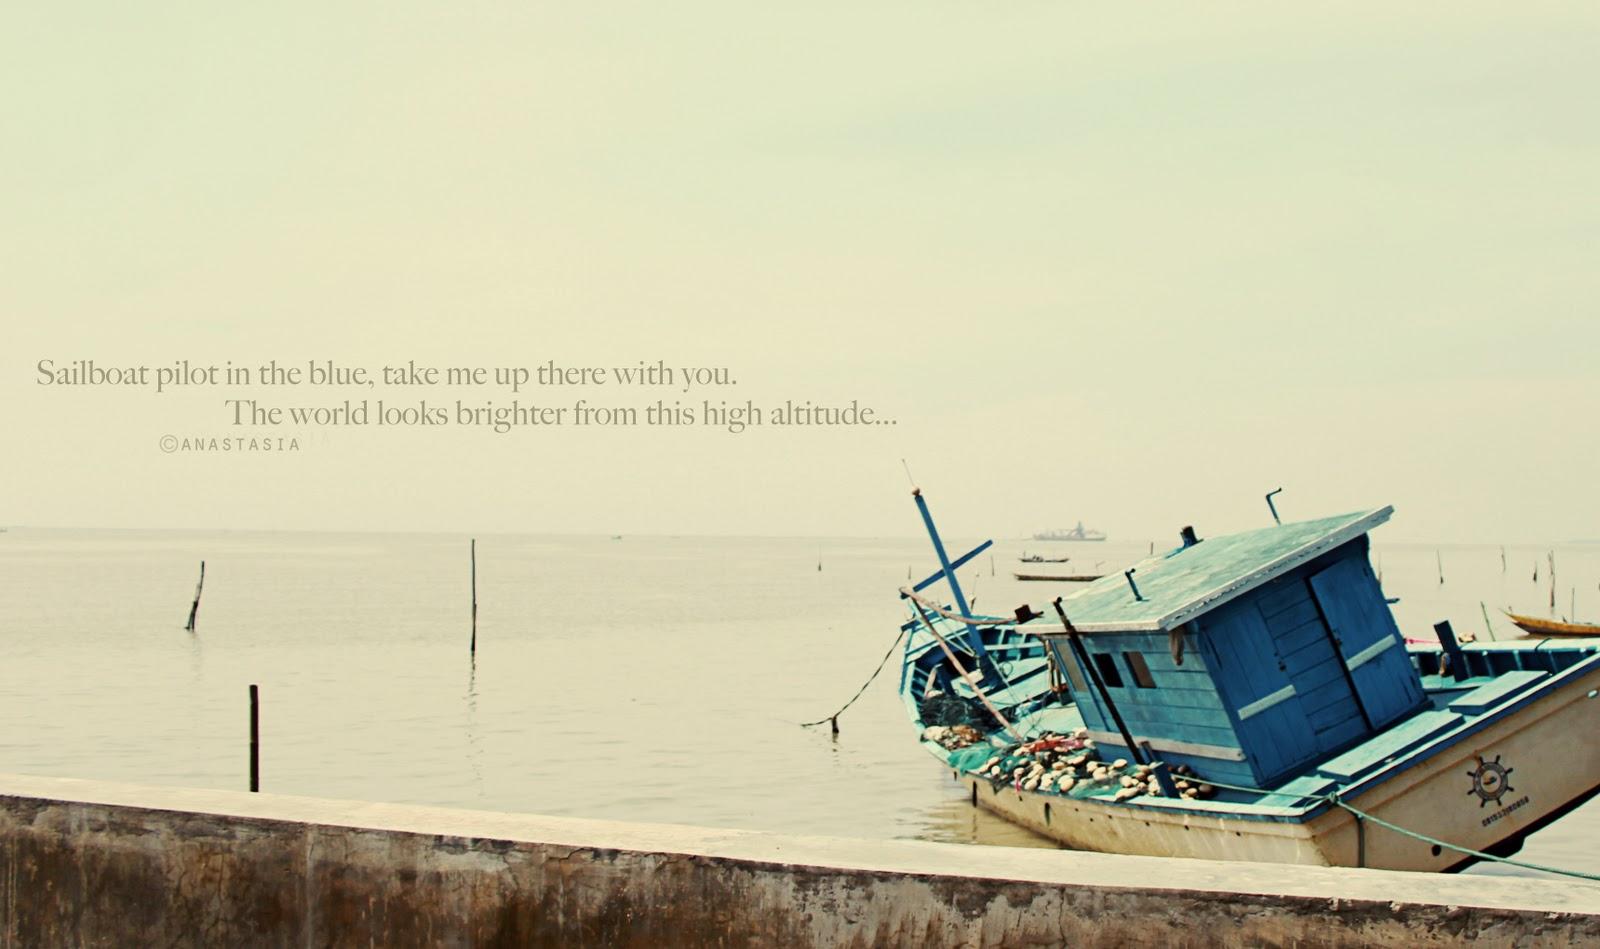 Sailing Quotes Quotesgram: Sky Sailing Quotes. QuotesGram